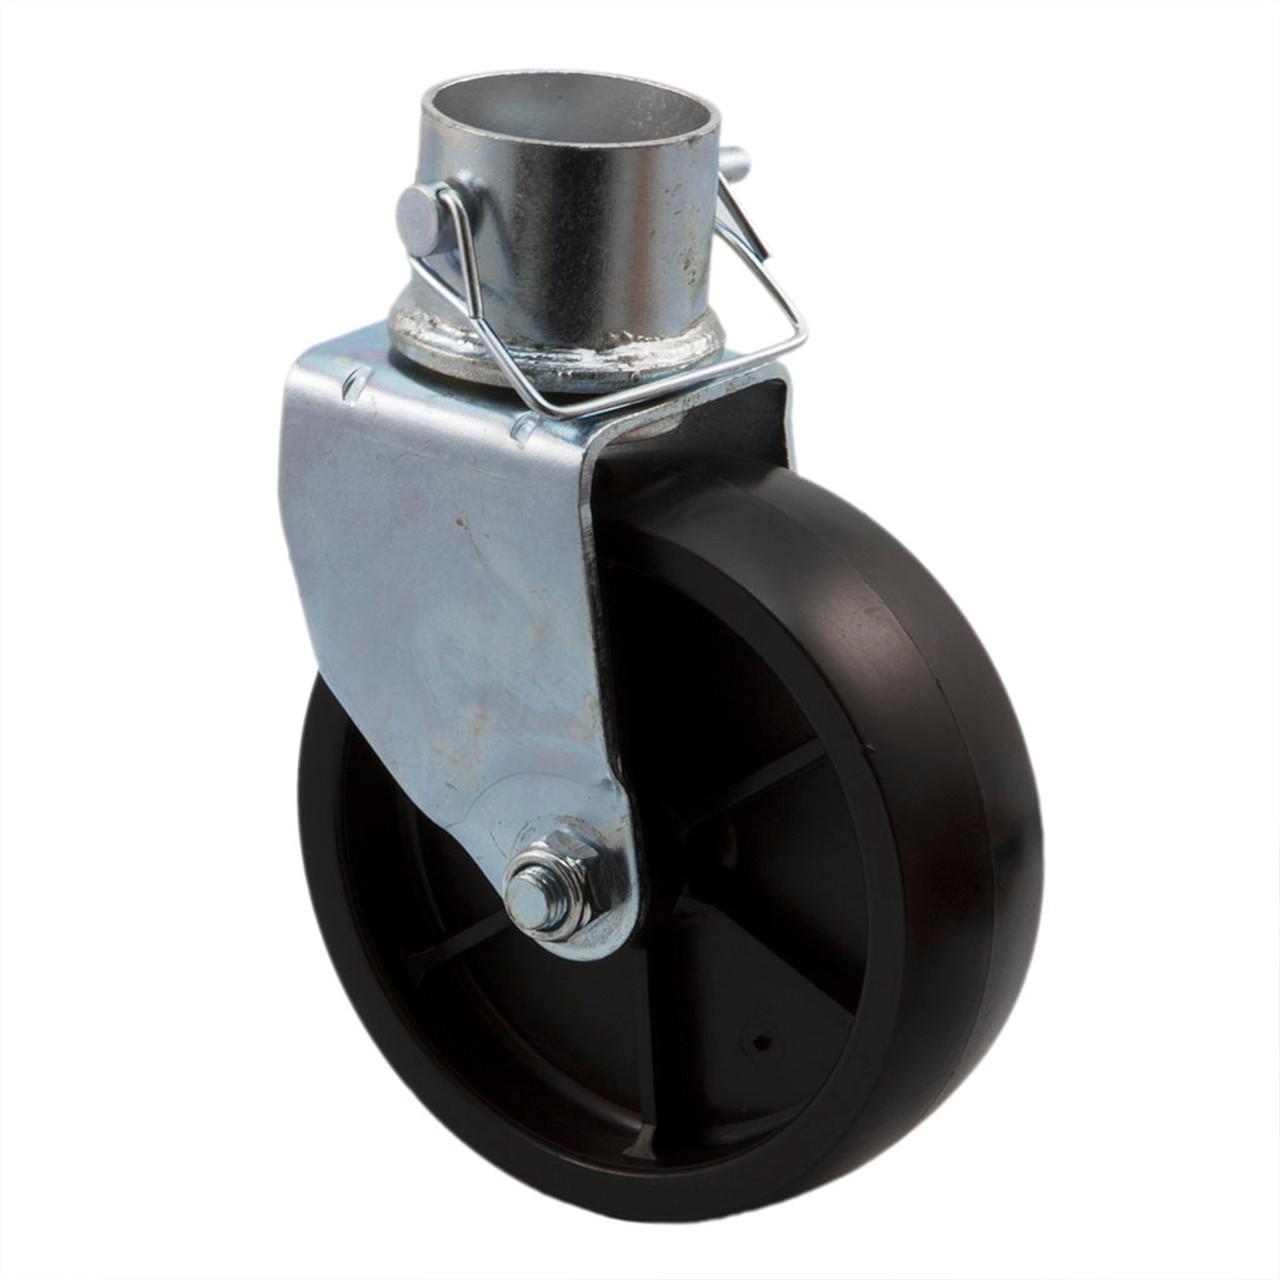 Swivel Caster Wheel For Standard Jack